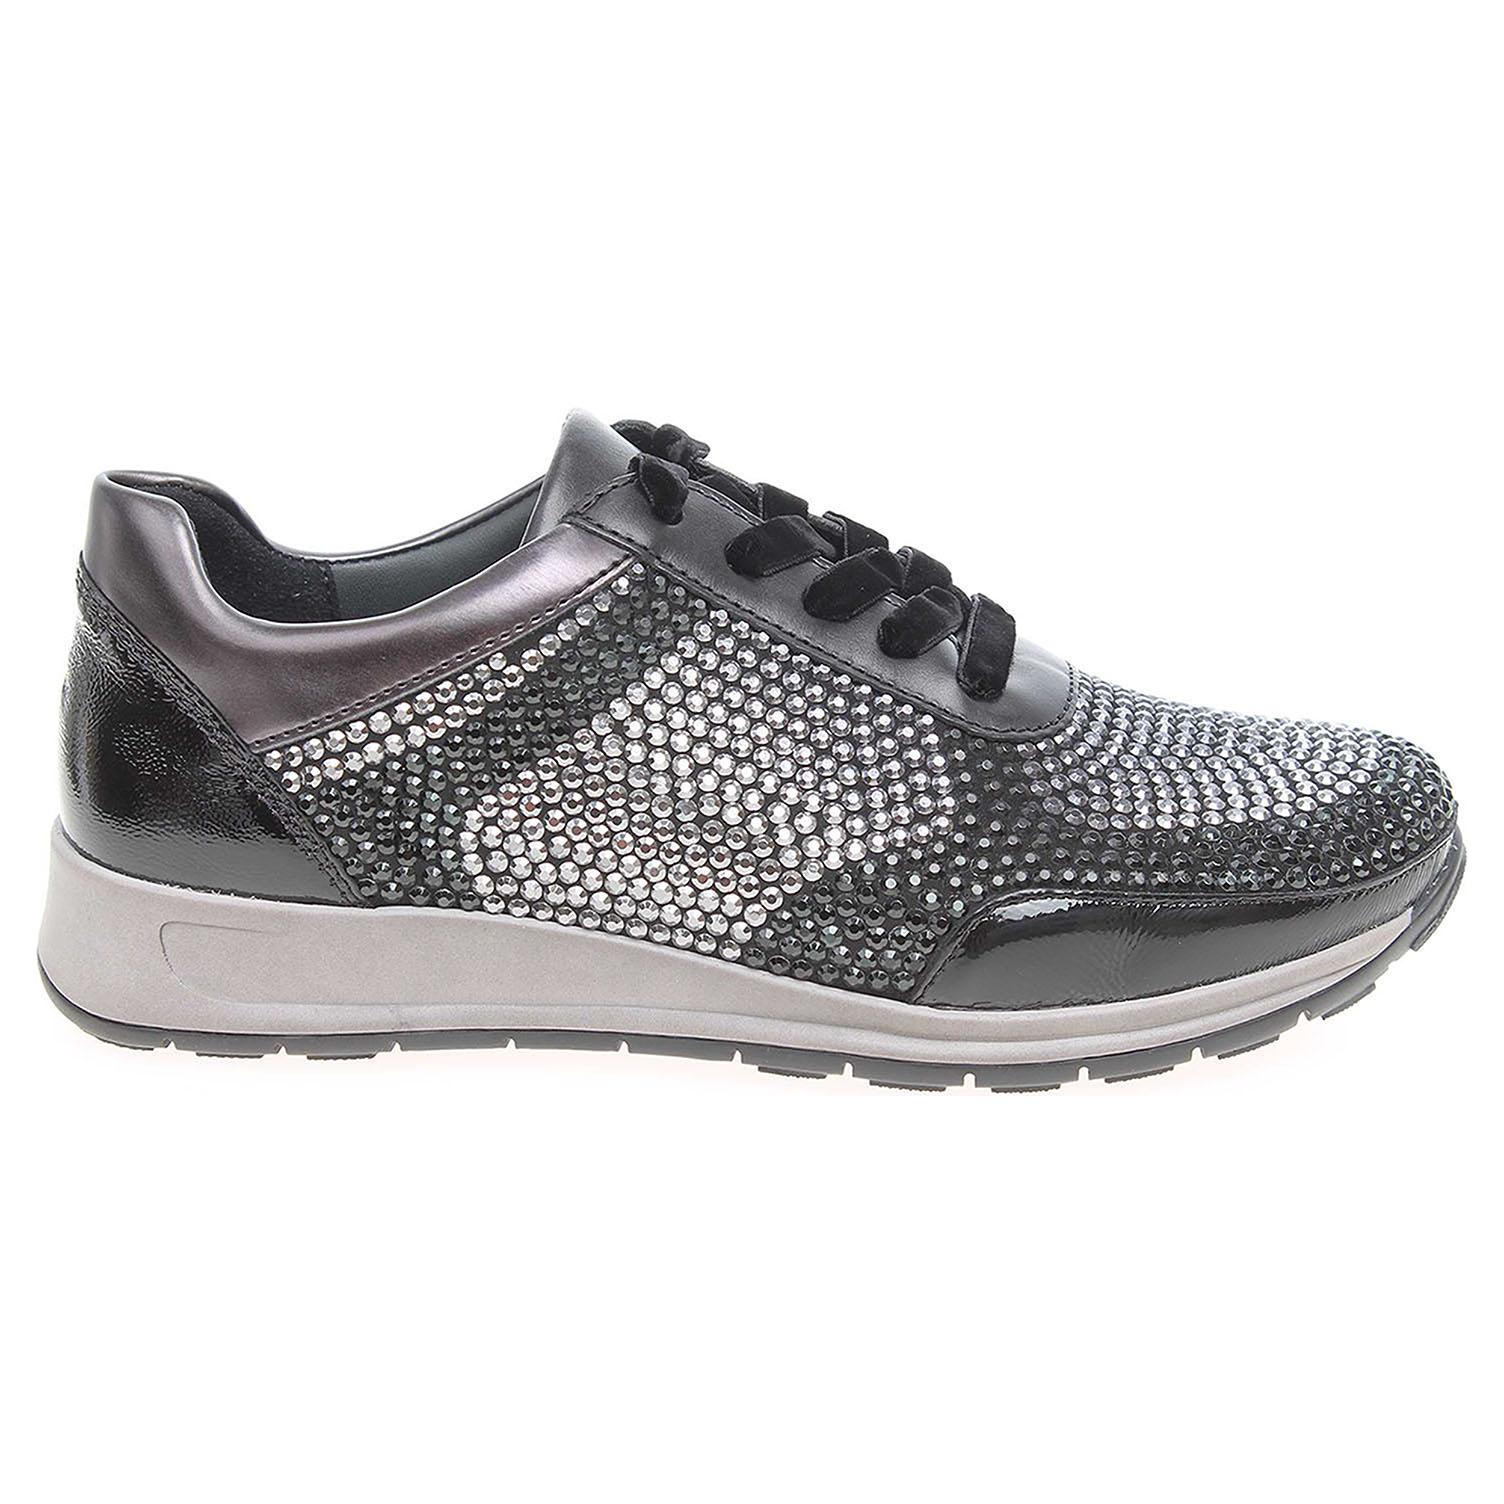 Ecco Ara dámská obuv 44567-05 černá 23200730 950f65c7940